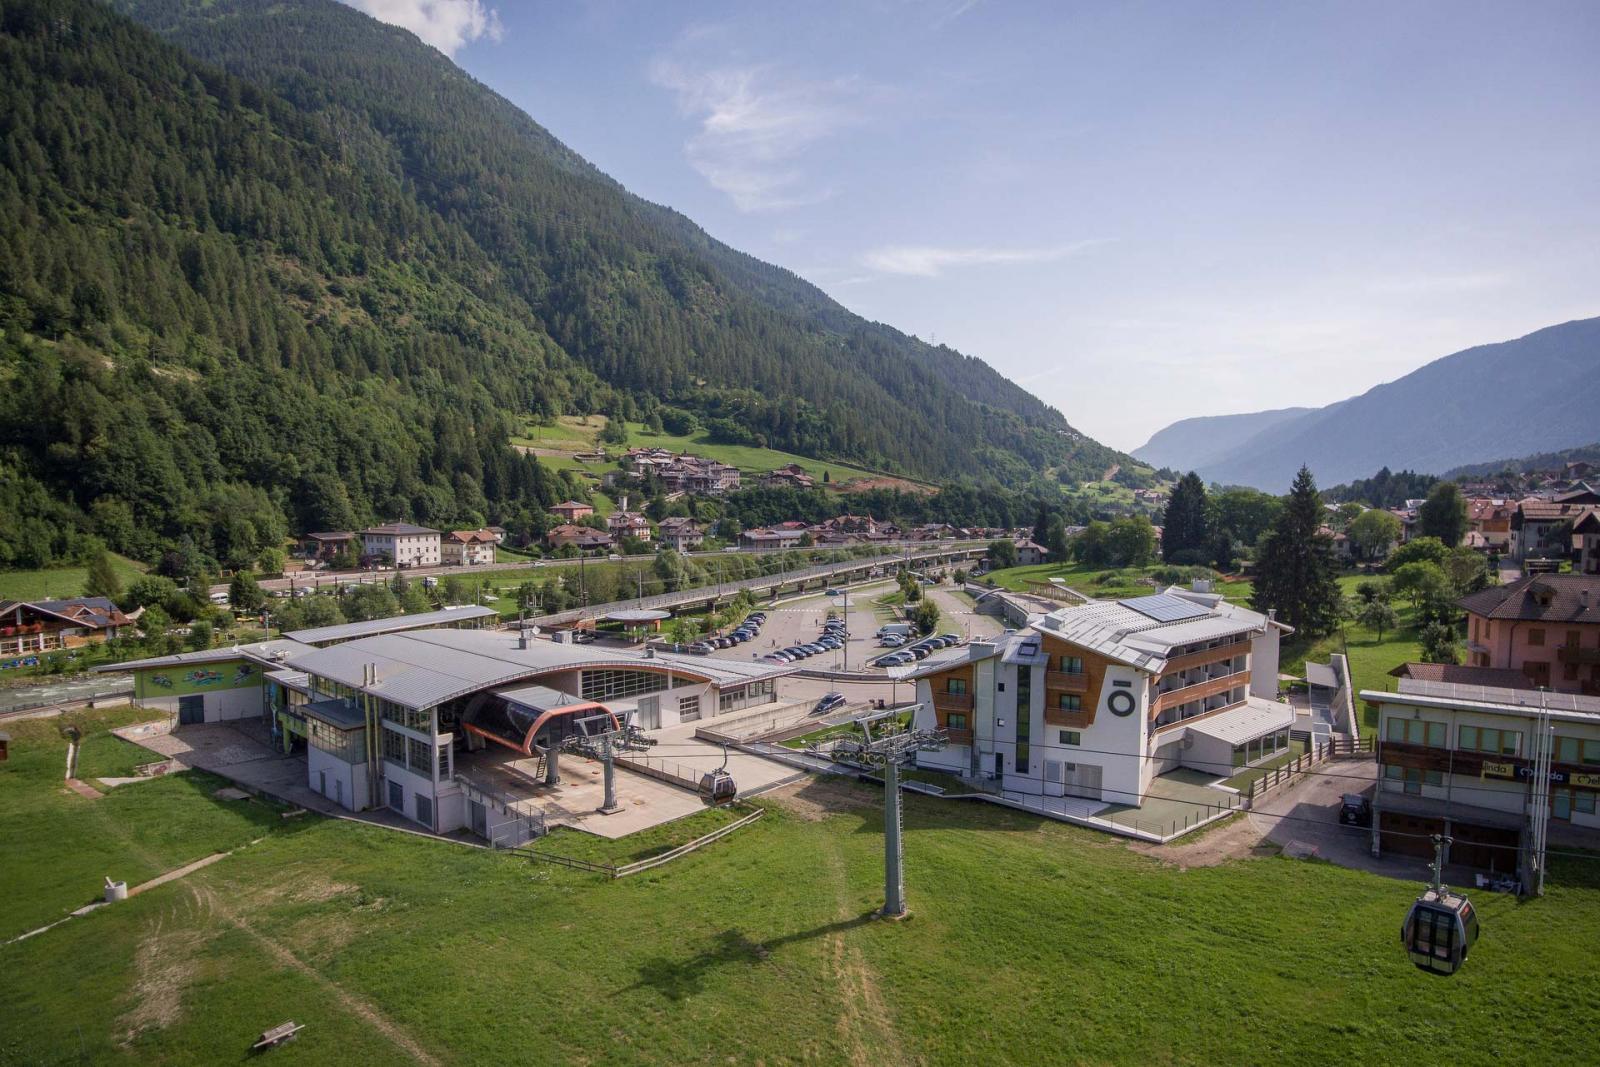 Hotel Monroc Val Di Sole